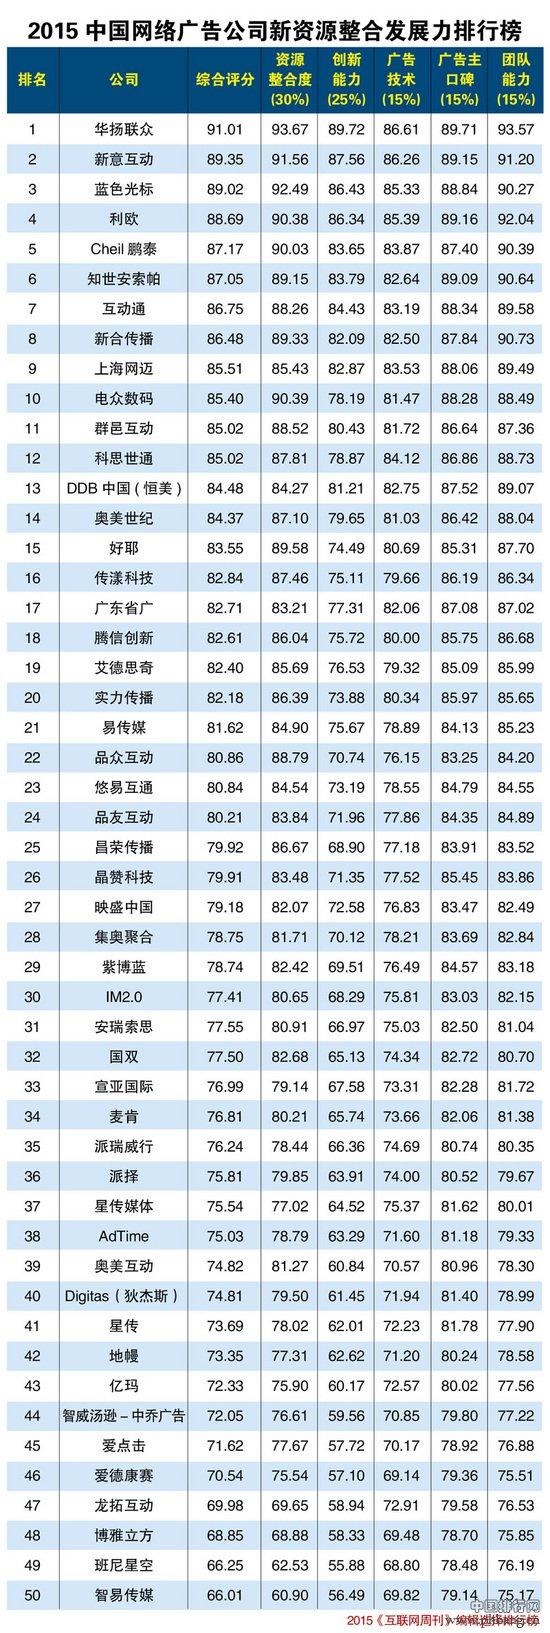 2015年中国网络广告公司新资源整合发展力最新排名